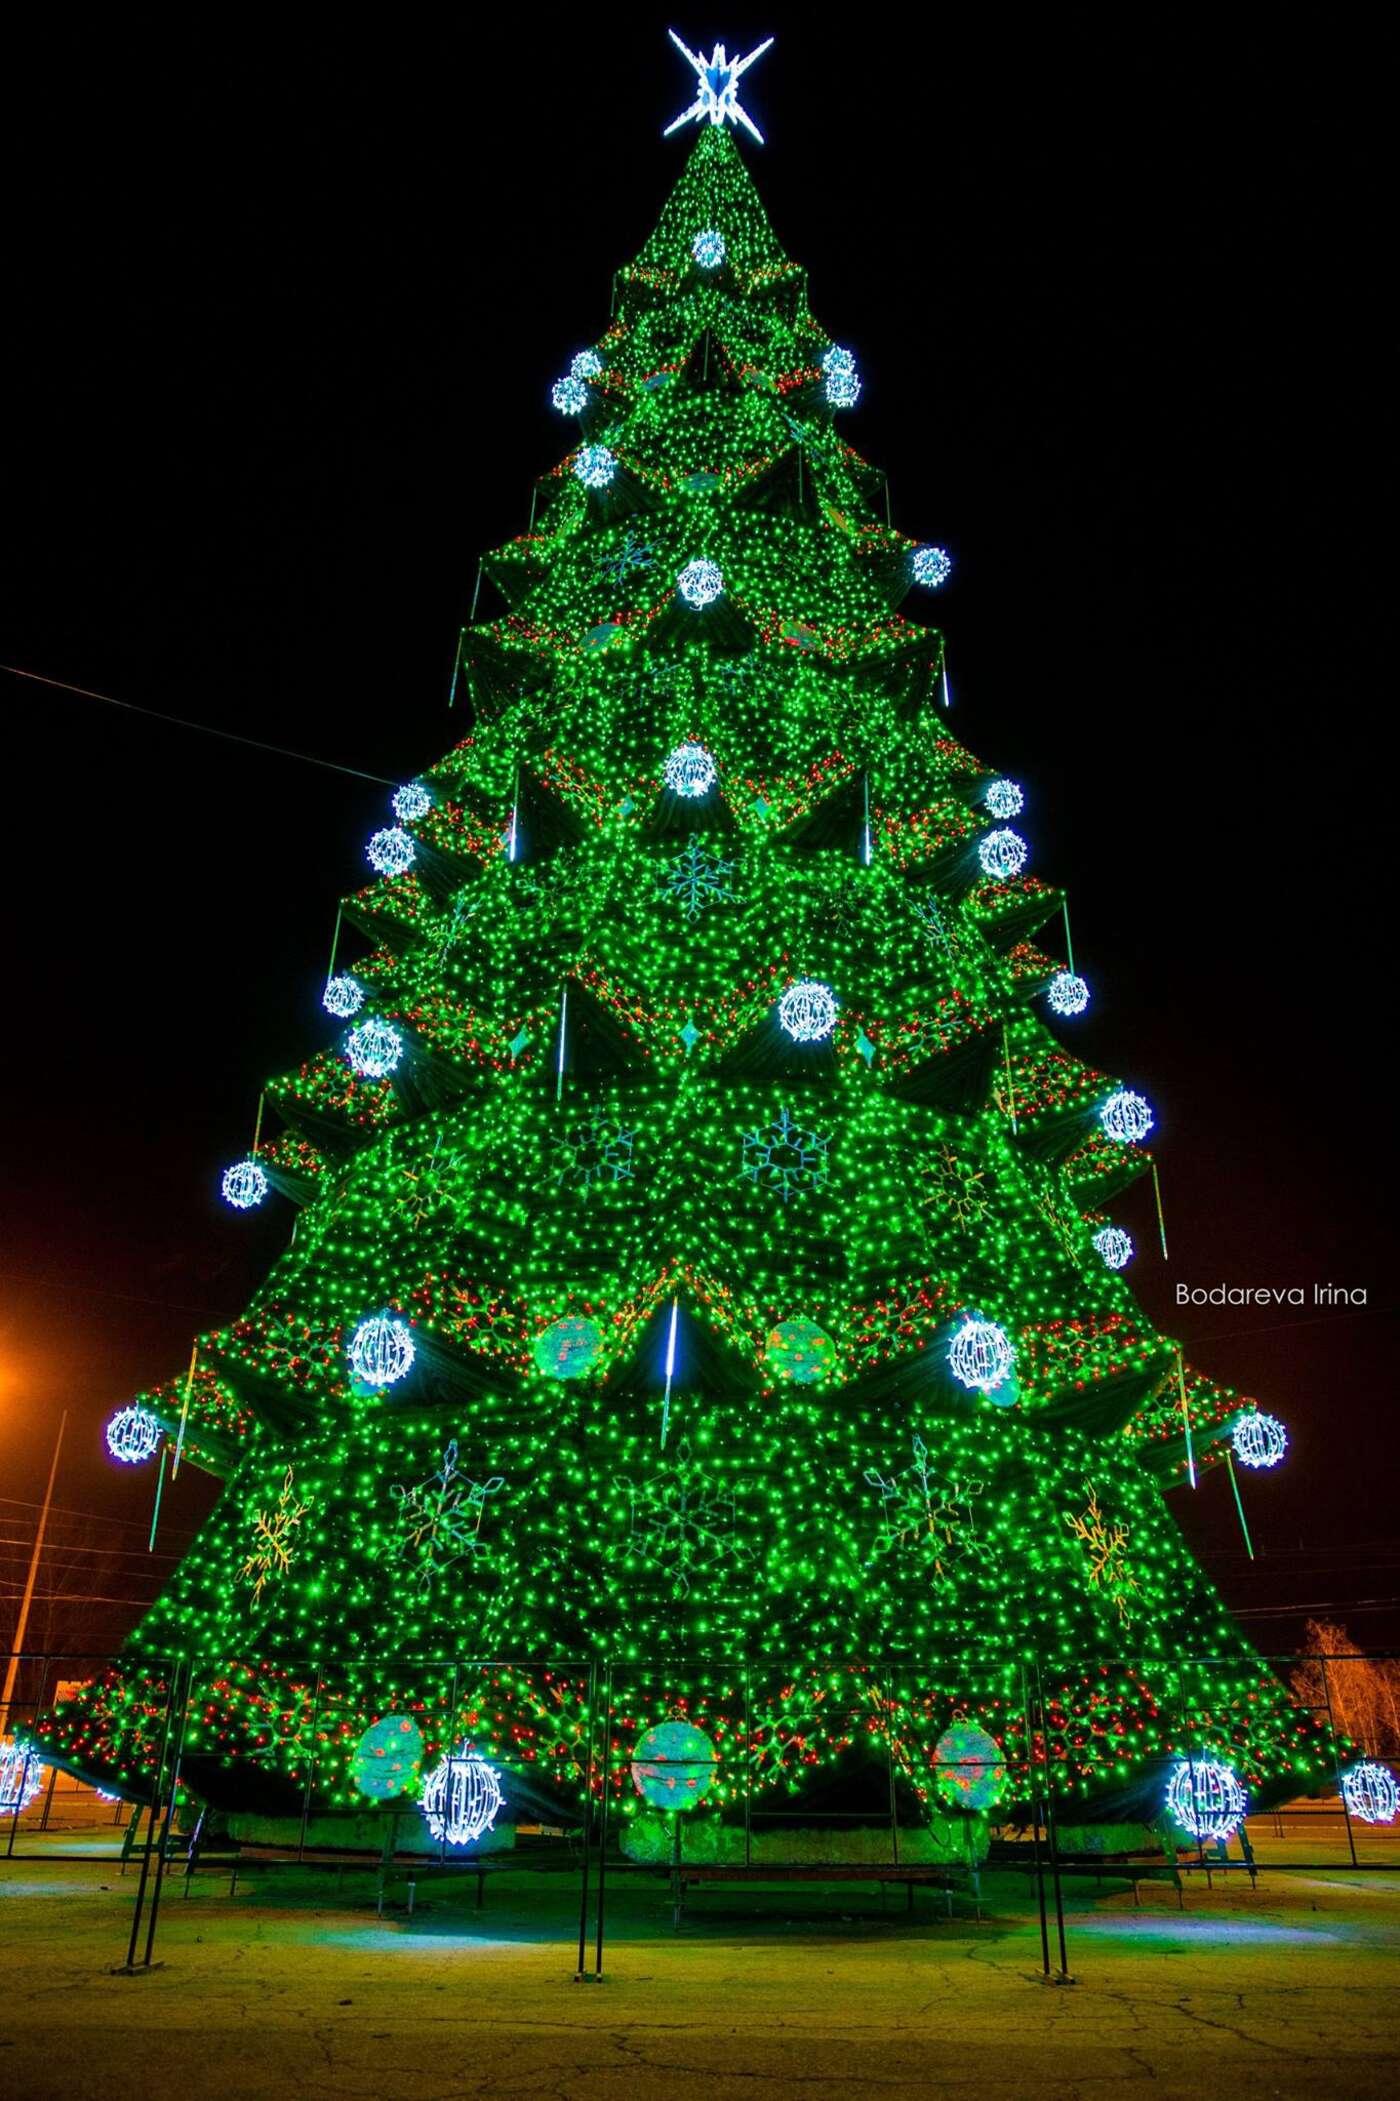 Der Weihnachtsbaum.Die Chișinăueni Und Ihr Weihnachtsbaum Youthreporter